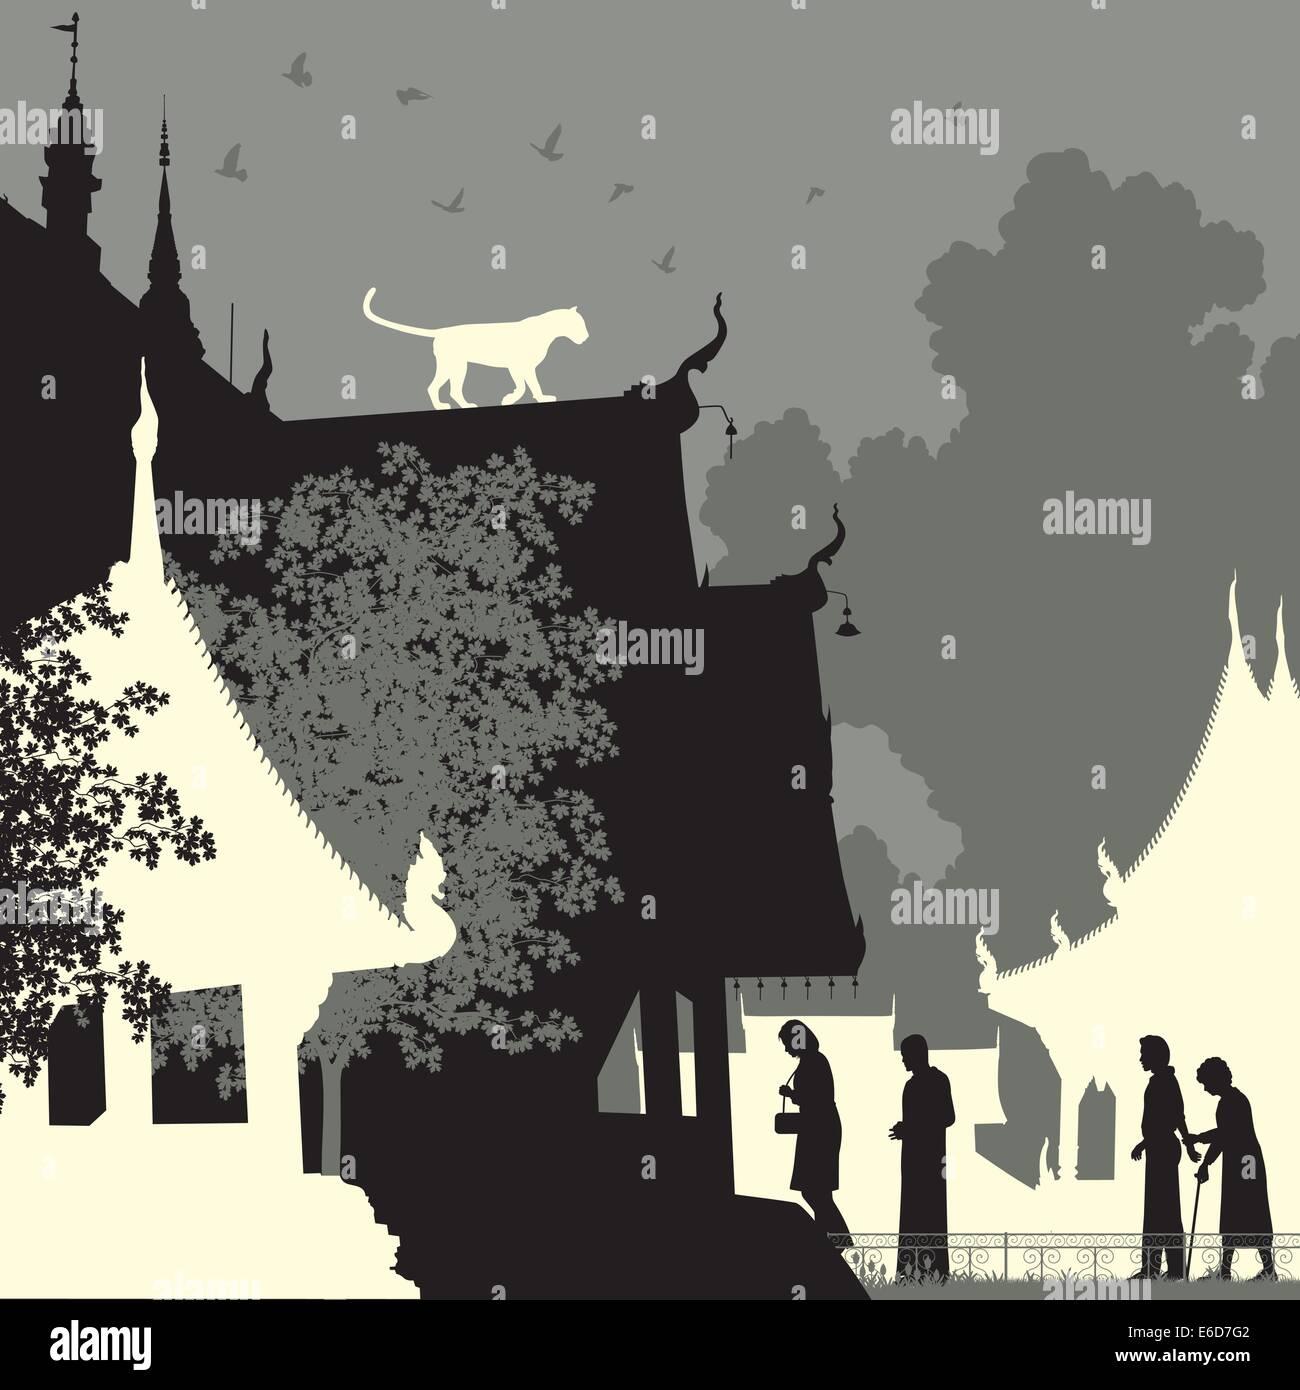 Vettore modificabile silhouette di Leopard su un tempio buddista tetto con figure come oggetti separati Immagini Stock